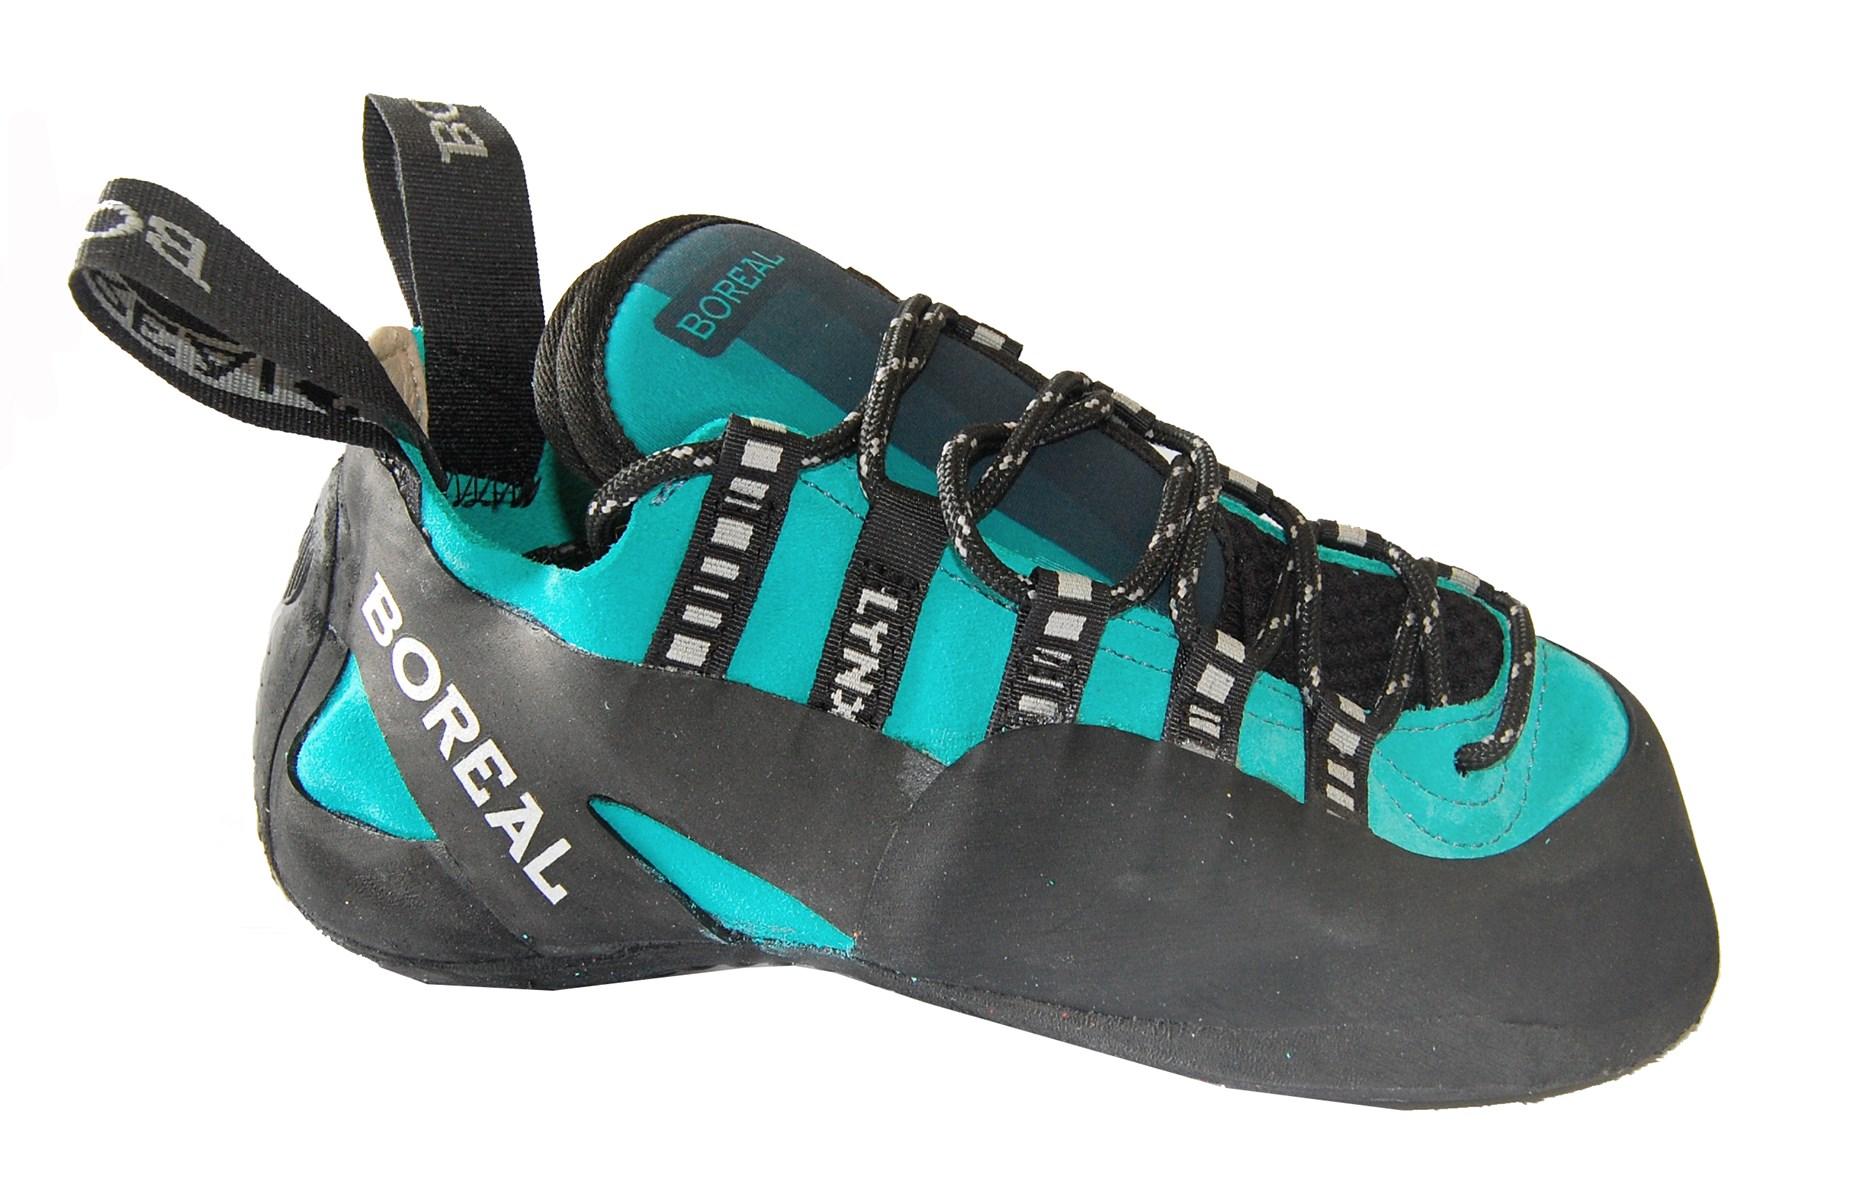 Boreal Lynx Climbing Shoe Review